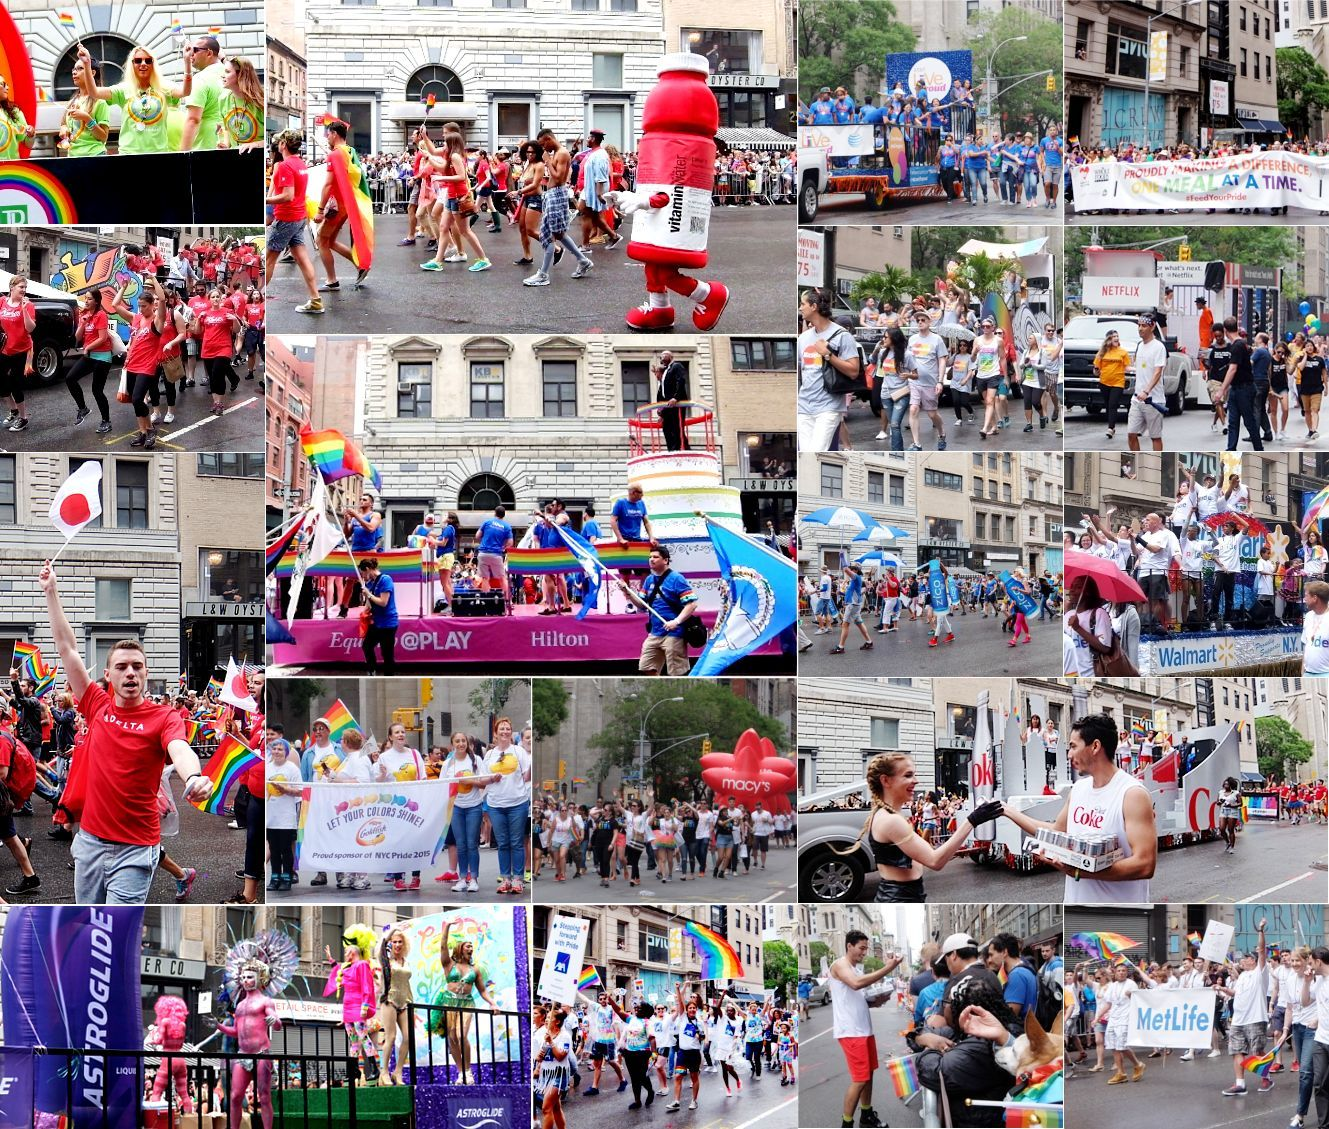 今年、ニューヨークのゲイ・パレード(LGBTQ+ NYC Pride Rally)はバーチャル開催へ_b0007805_23061733.jpg